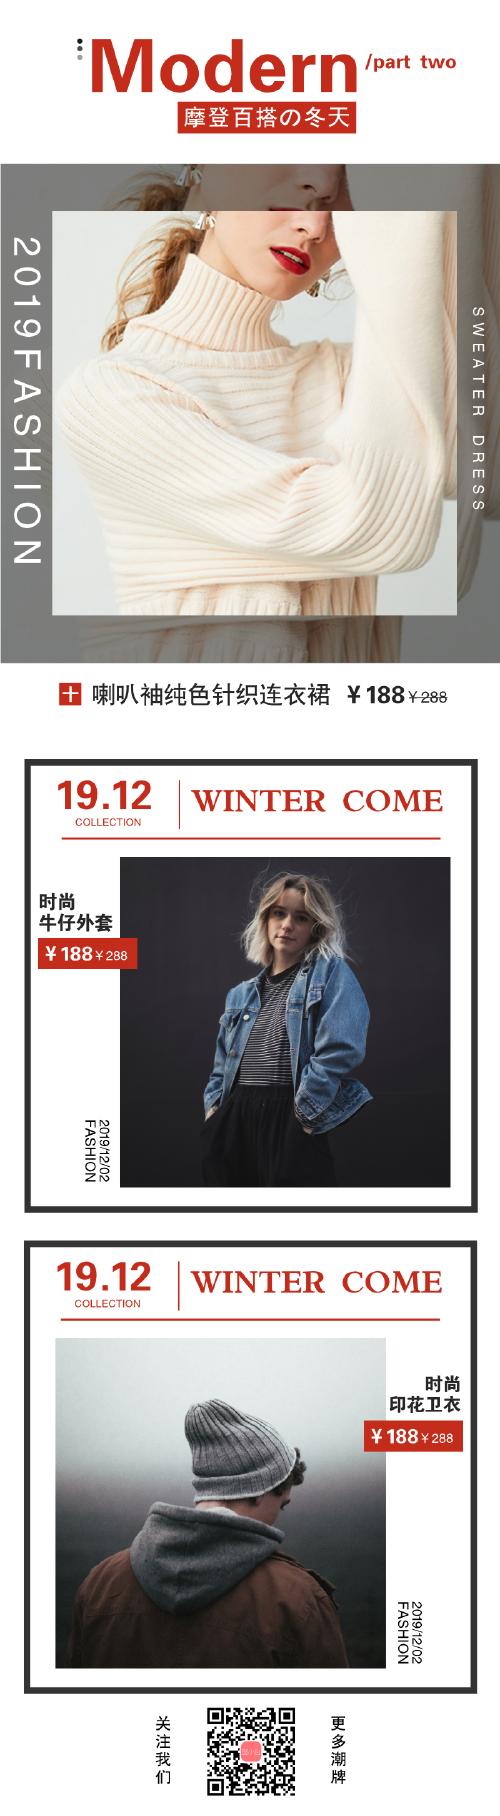 $簡約冬季服飾營銷長圖